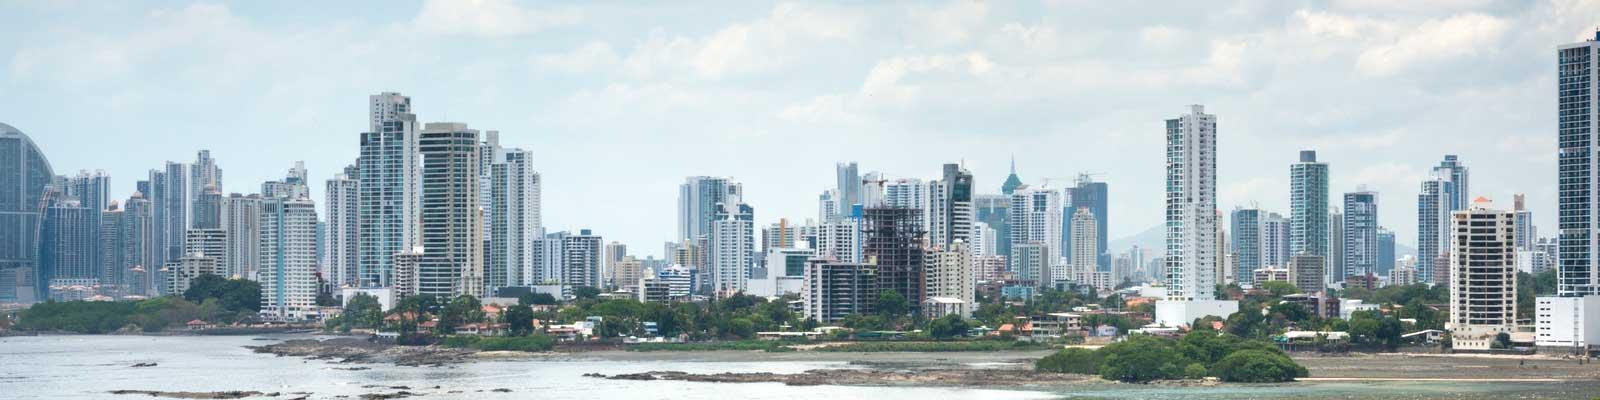 Panama 02